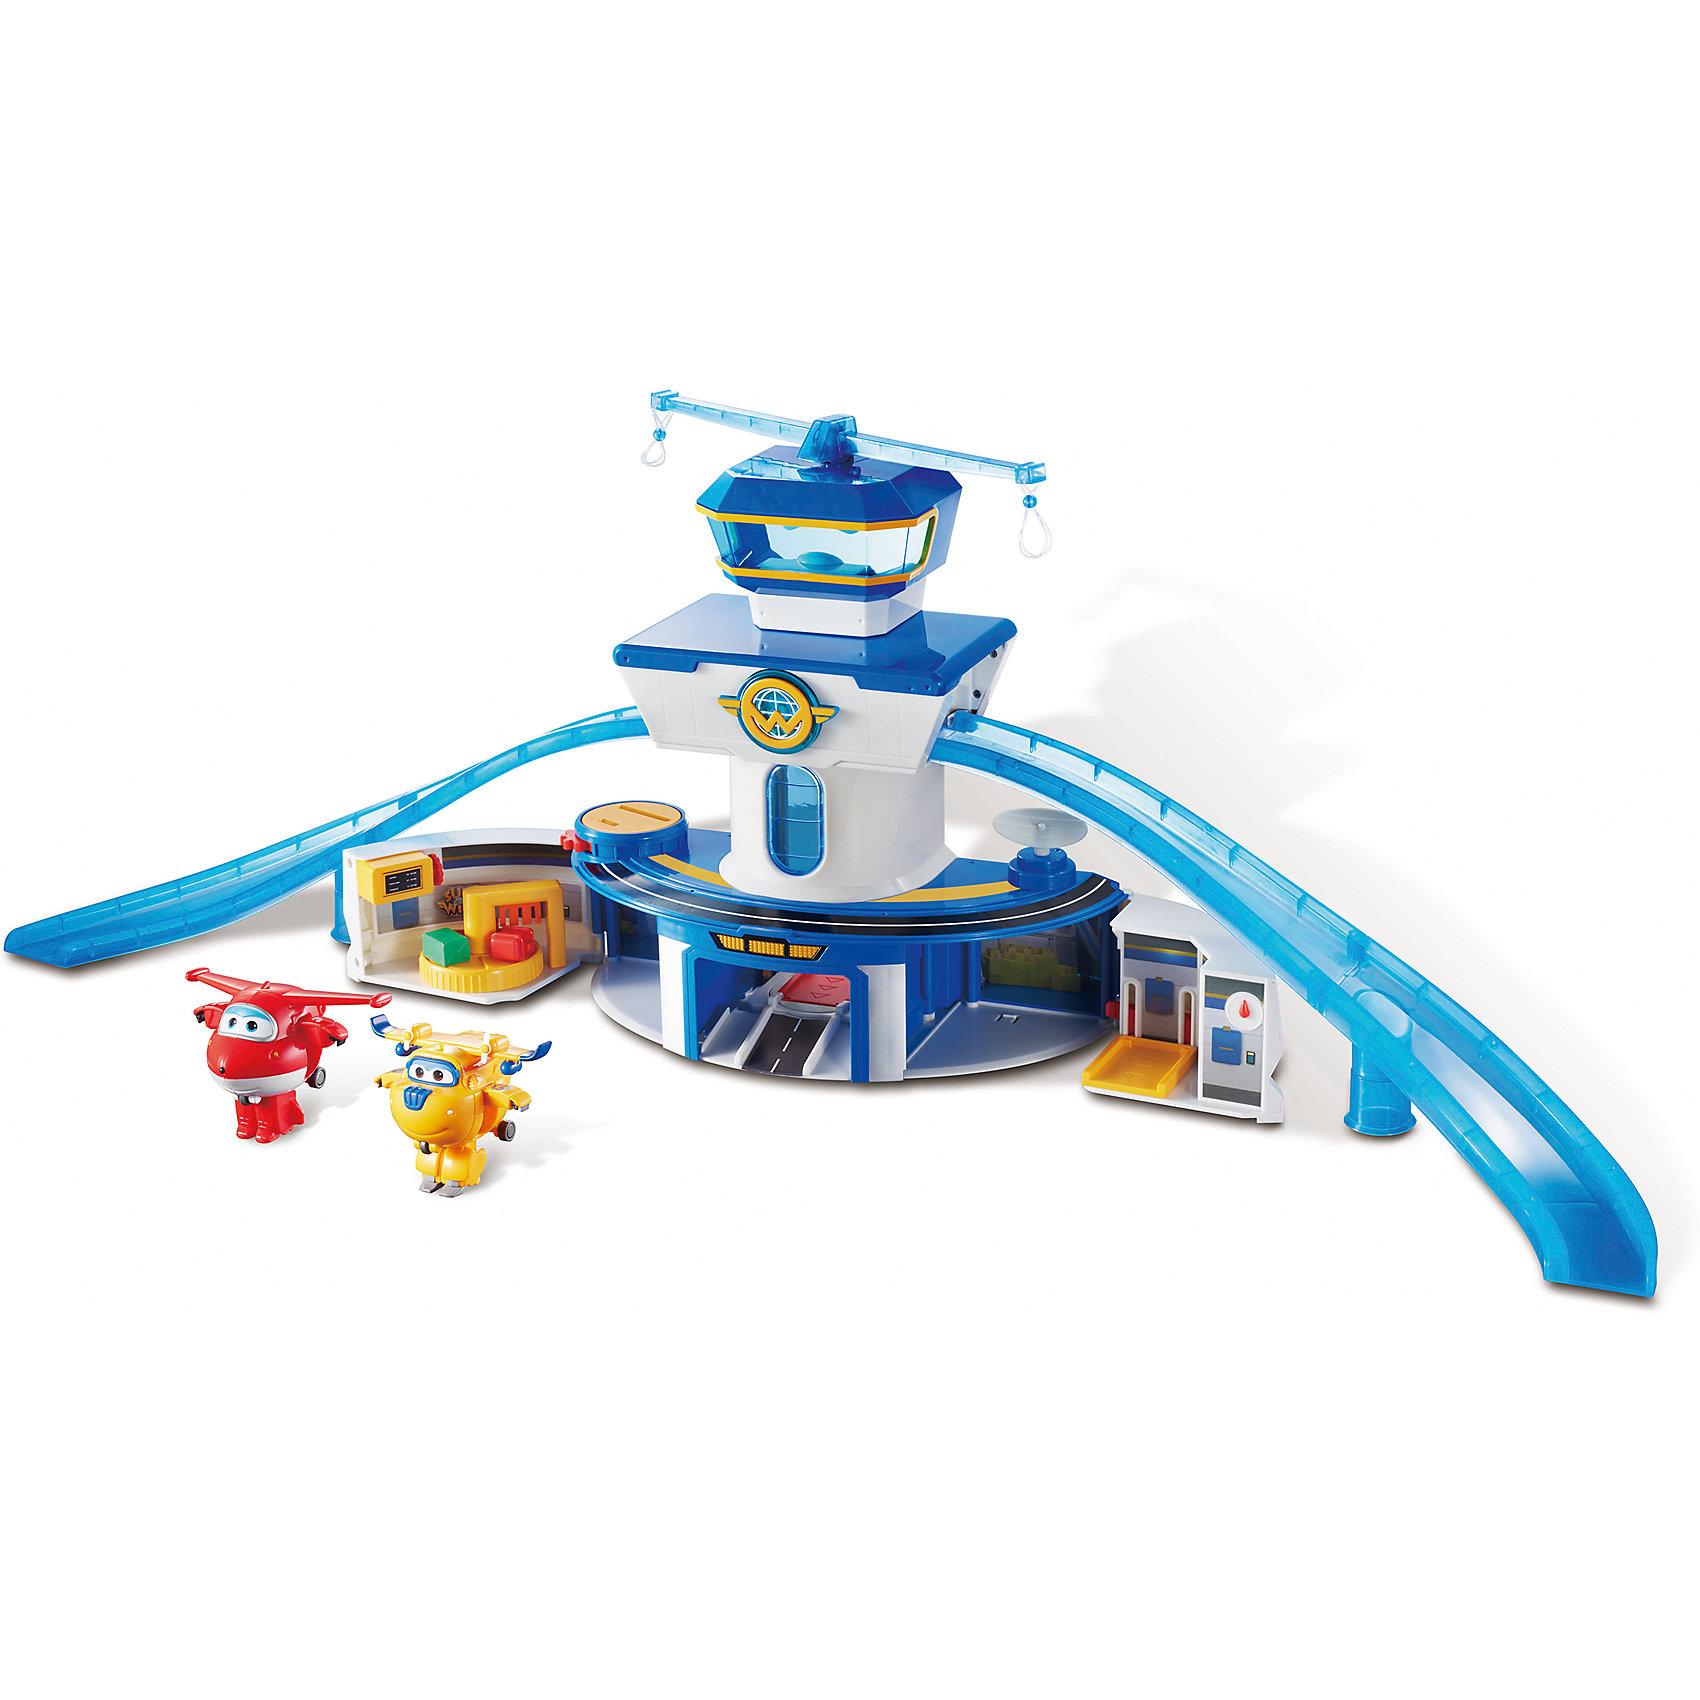 Набор «Аэропорт», Супер КрыльяИгровые наборы<br>Набор «Аэропорт», Супер Крылья.<br><br>Характеристики:<br><br>- В комплекте: игровая конструкция с аксессуарами, самолет-трансформер (2 шт.)<br>- Материал: пластик<br>- Размер конструкции: 89 см.<br>- Необходимы батарейки: 3 типа ААА<br>- Упаковка: картонная коробка<br><br>Функциональный игровой набор Аэропорт Супер Крылья включает игровую площадку и два самолета-трансформера, выполненных в виде персонажей известного детского мультфильма «Супер Крылья» - красный Джетт и желтый Донни. На территории игрушечного аэропорта множество подвижных деталей, предусмотрено включение световых и звуковых эффектов. Первый этаж игровой площадки раскладывается: с левой стороны - багажное отделение, с правой - площадка для подъема самолетика. Башня аэропорта оборудована подвижным лифтом со звуковыми и световыми эффектами, по обе стороны башни расположены две горки - взлетные полосы, на третьем этаже – диспетчерская. На крыше здания аэропорта установлены две вращающиеся планки с креплениями для самолетиков. Показания табло на здании можно менять, а антенну и радар поворачивать в разные стороны. Входящие в набор трансформеры Джетт и Донни легко трансформируются из самолетиков в роботов-человечков. Трансформация в три шага. Набор изготовлен из высококачественного пластика. Развивает логику, воображение и мелкую моторику рук ребенка.<br><br>Набор «Аэропорт», Супер Крылья можно купить в нашем интернет-магазине.<br><br>Ширина мм: 606<br>Глубина мм: 430<br>Высота мм: 165<br>Вес г: 1469<br>Возраст от месяцев: 36<br>Возраст до месяцев: 2147483647<br>Пол: Унисекс<br>Возраст: Детский<br>SKU: 5059833